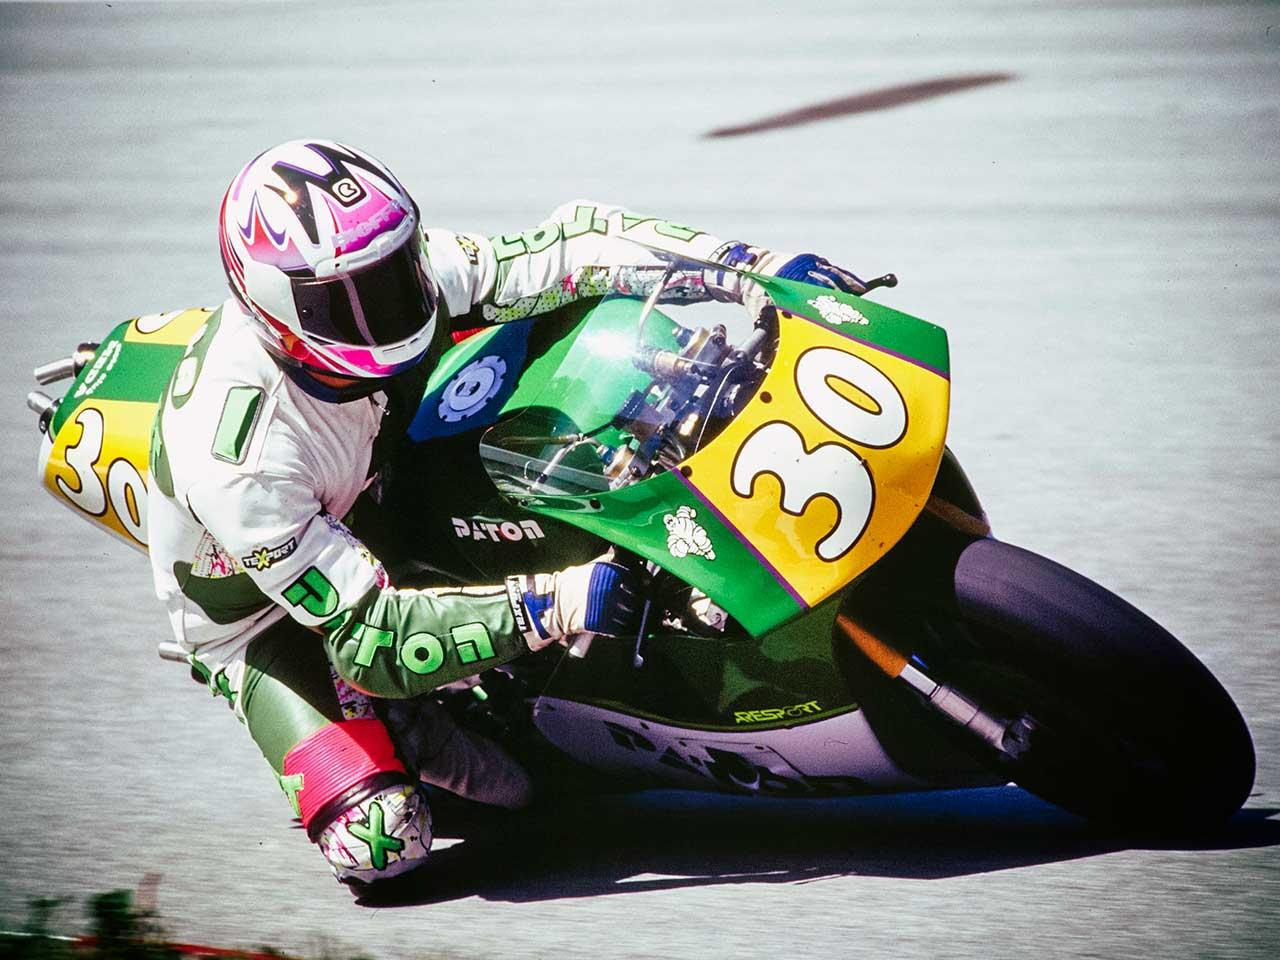 Paton_Storia-Anni90_Vittorio-Scatola_Campionato-Mondiale-500cc_1994